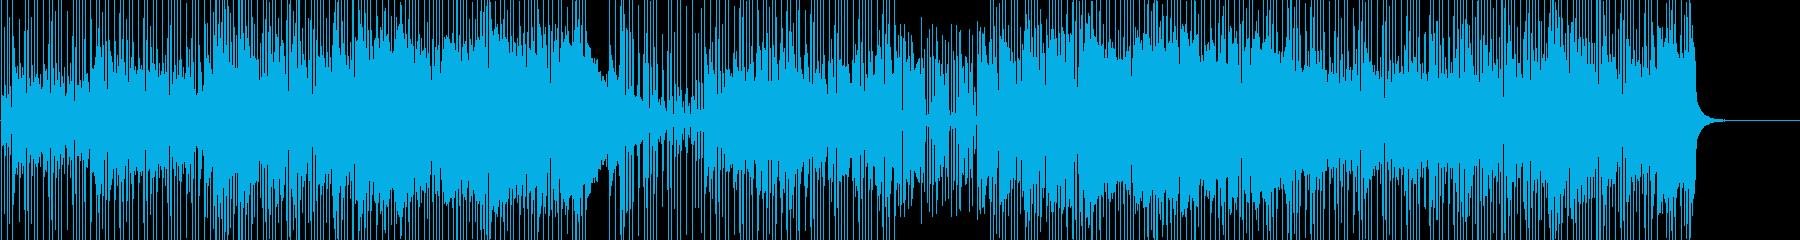 80'sファンク、ソウルの再生済みの波形